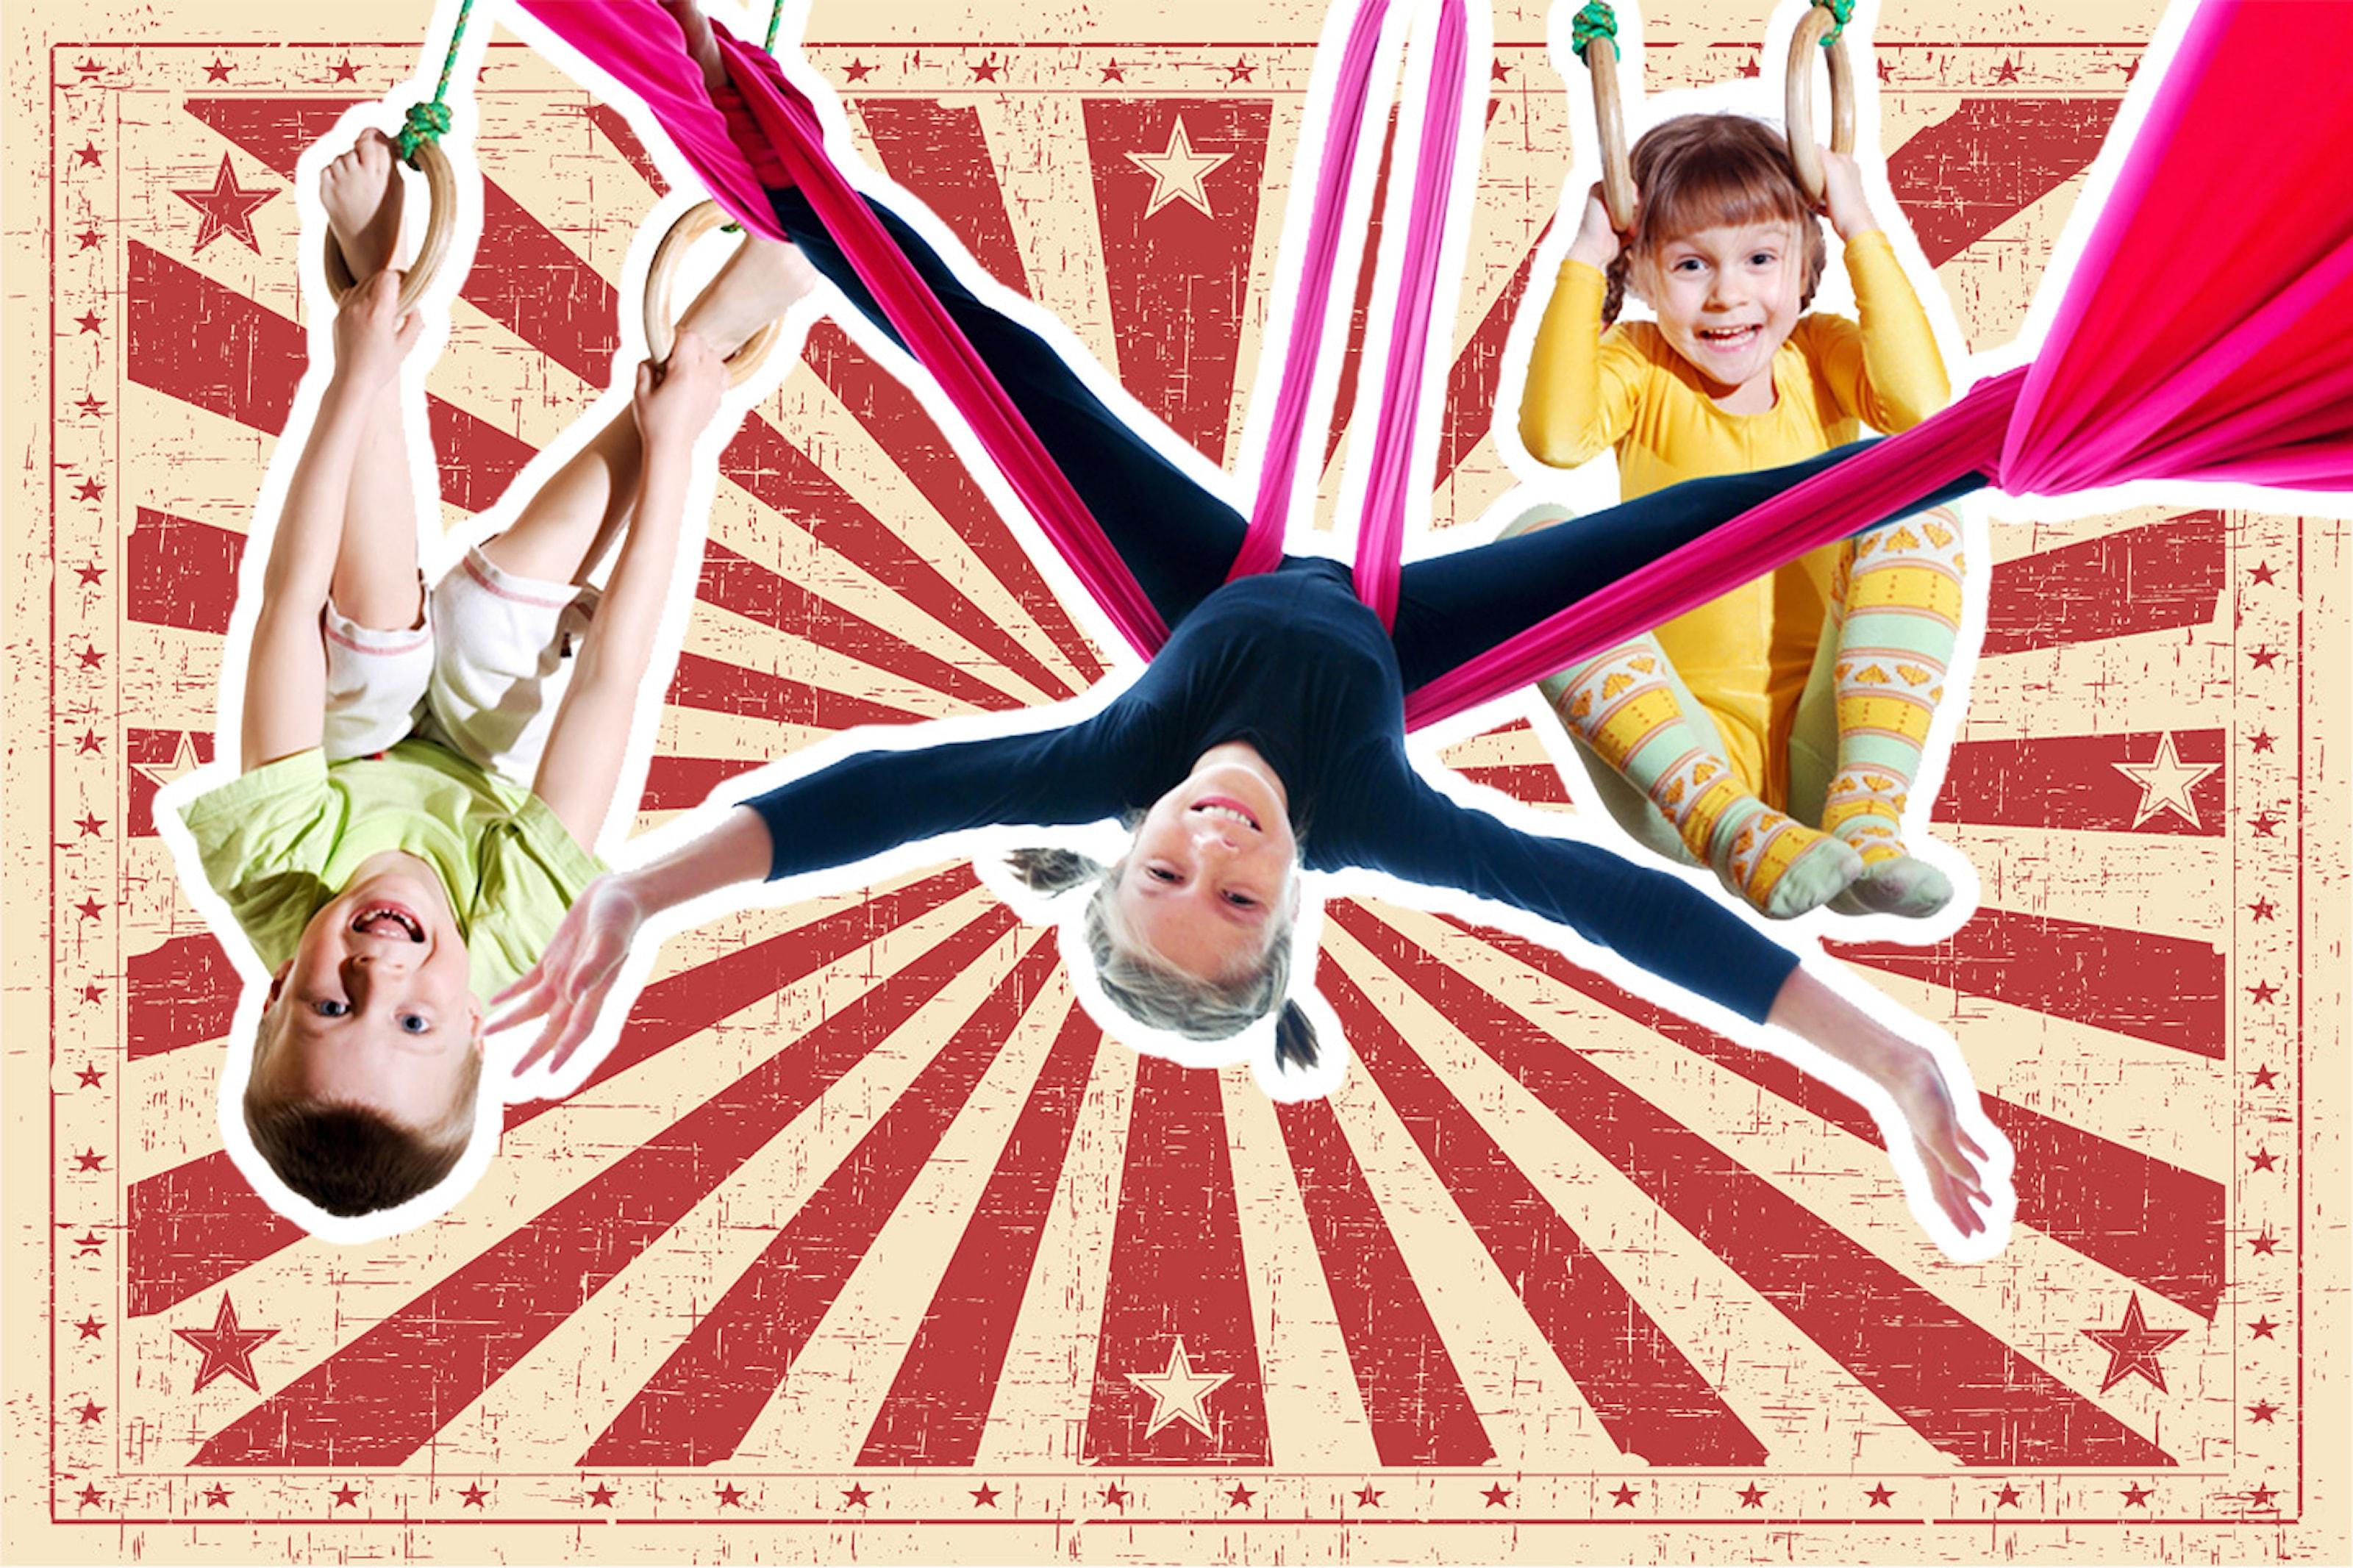 Prova på cirkusskola